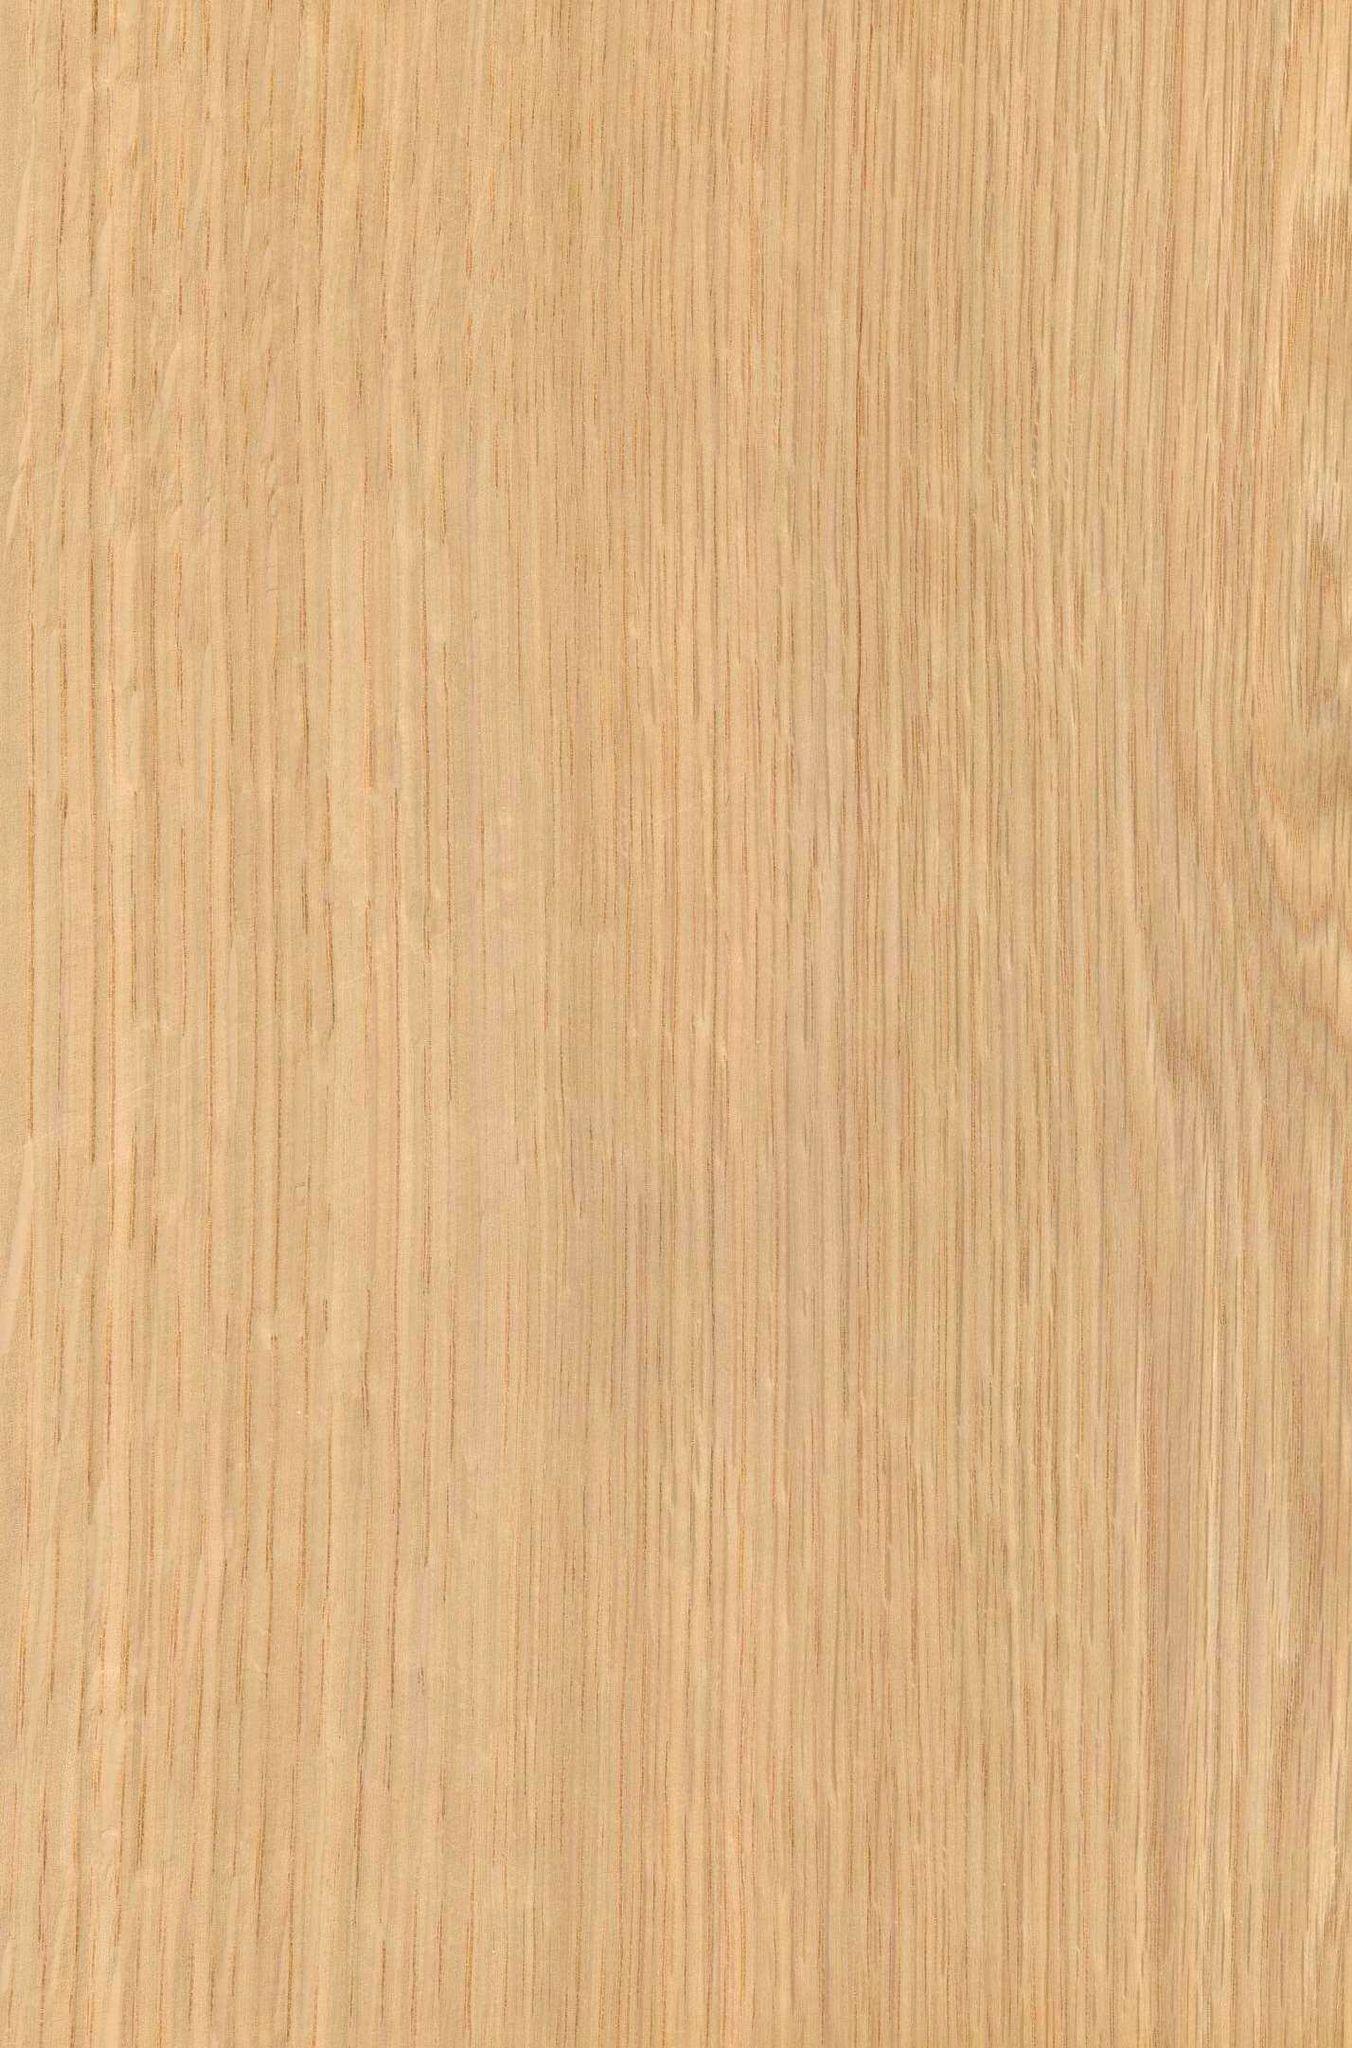 Pin By Monarch Custom Plywood Inc On Wood Veneer In 2019